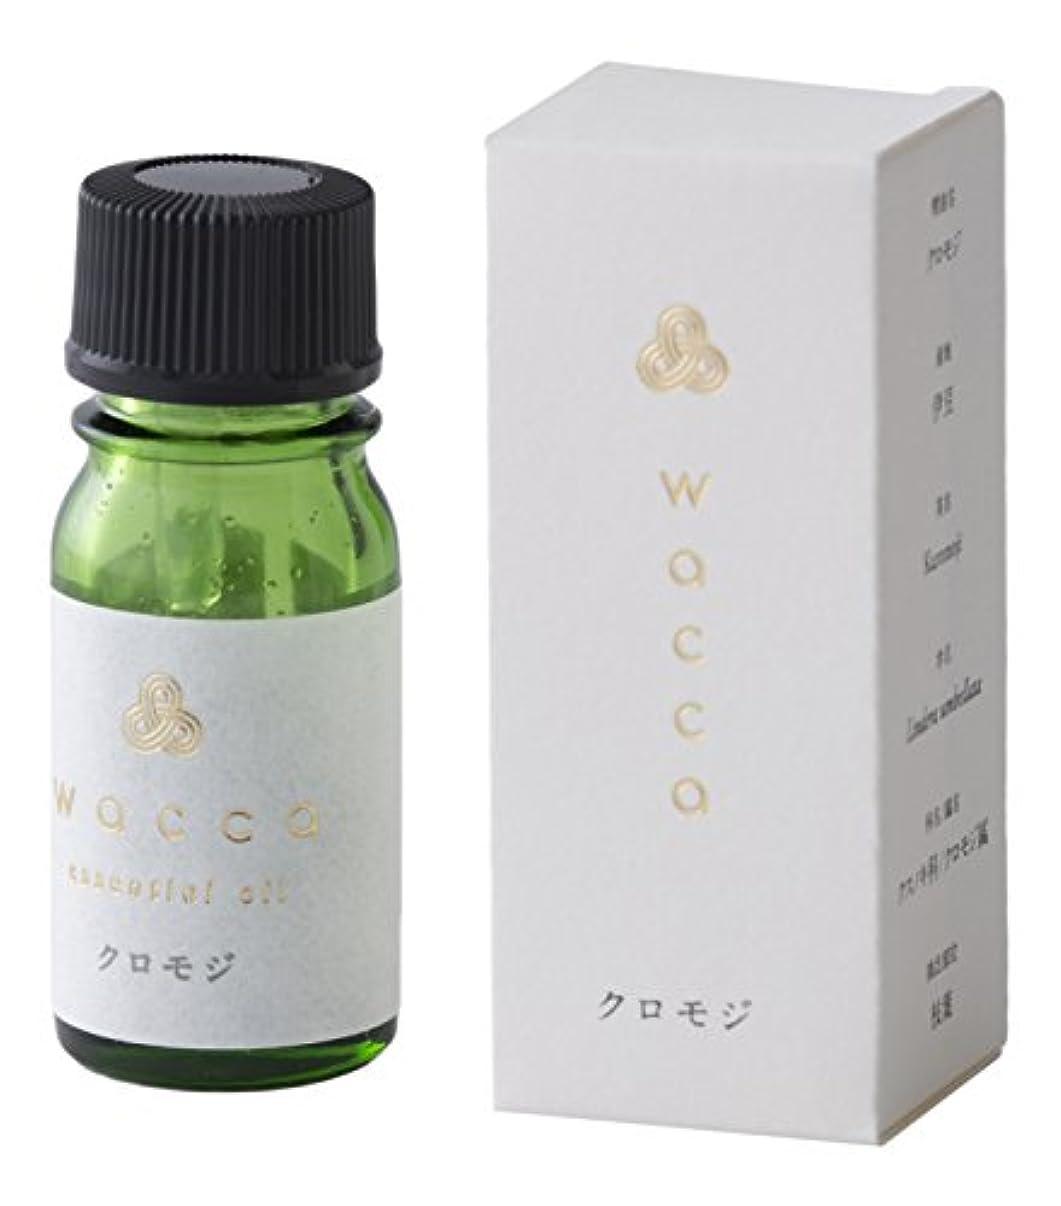 現代満たすあさりwacca ワッカ エッセンシャルオイル 3ml 黒文字 クロモジ Kuromoji essential oil 和精油 KUSU HANDMADE